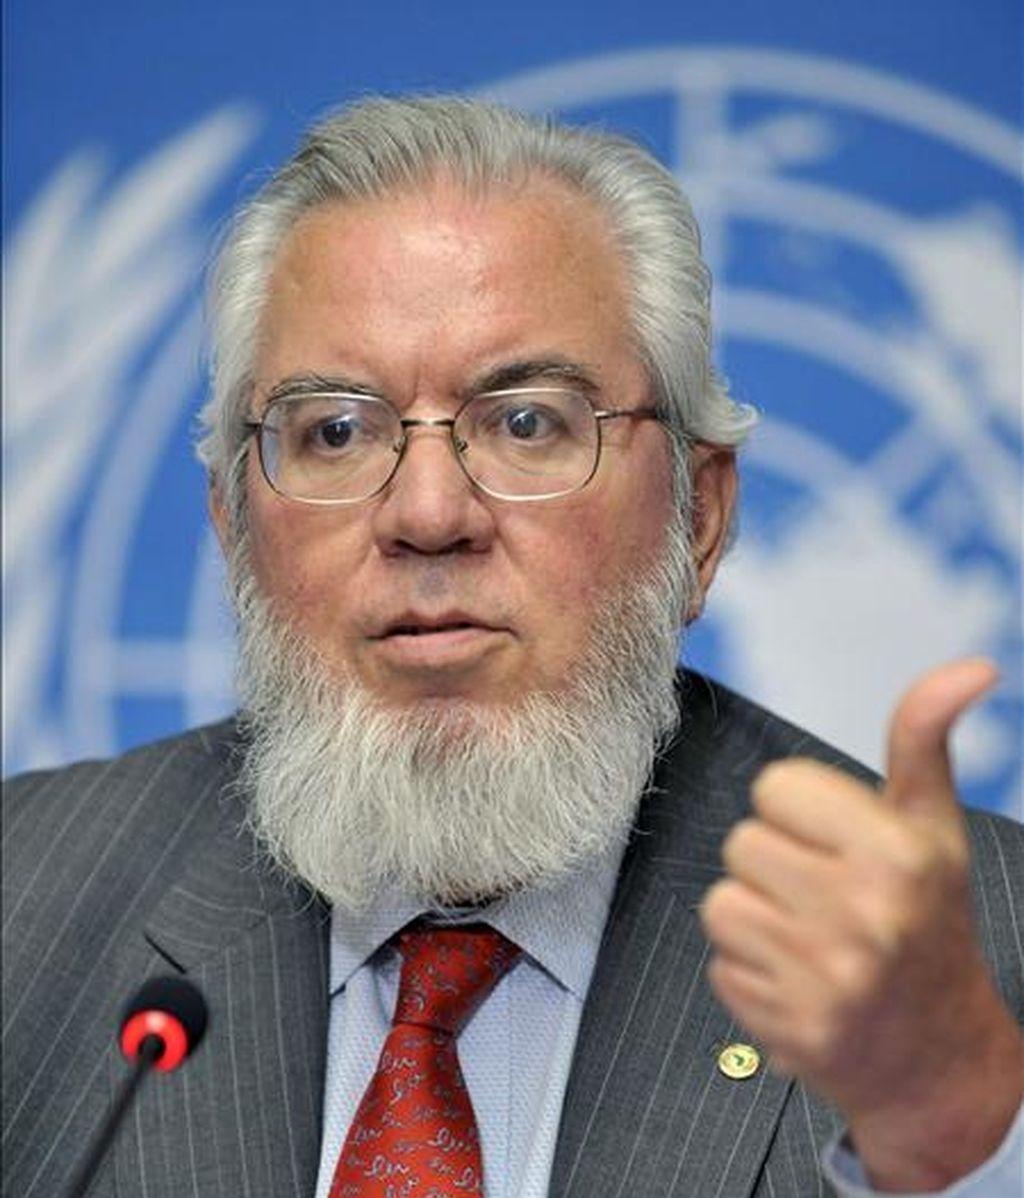 El director general de la Organización Internacional del Trabajo (OIT), el chileno Juan Somavia. EFE/Archivo